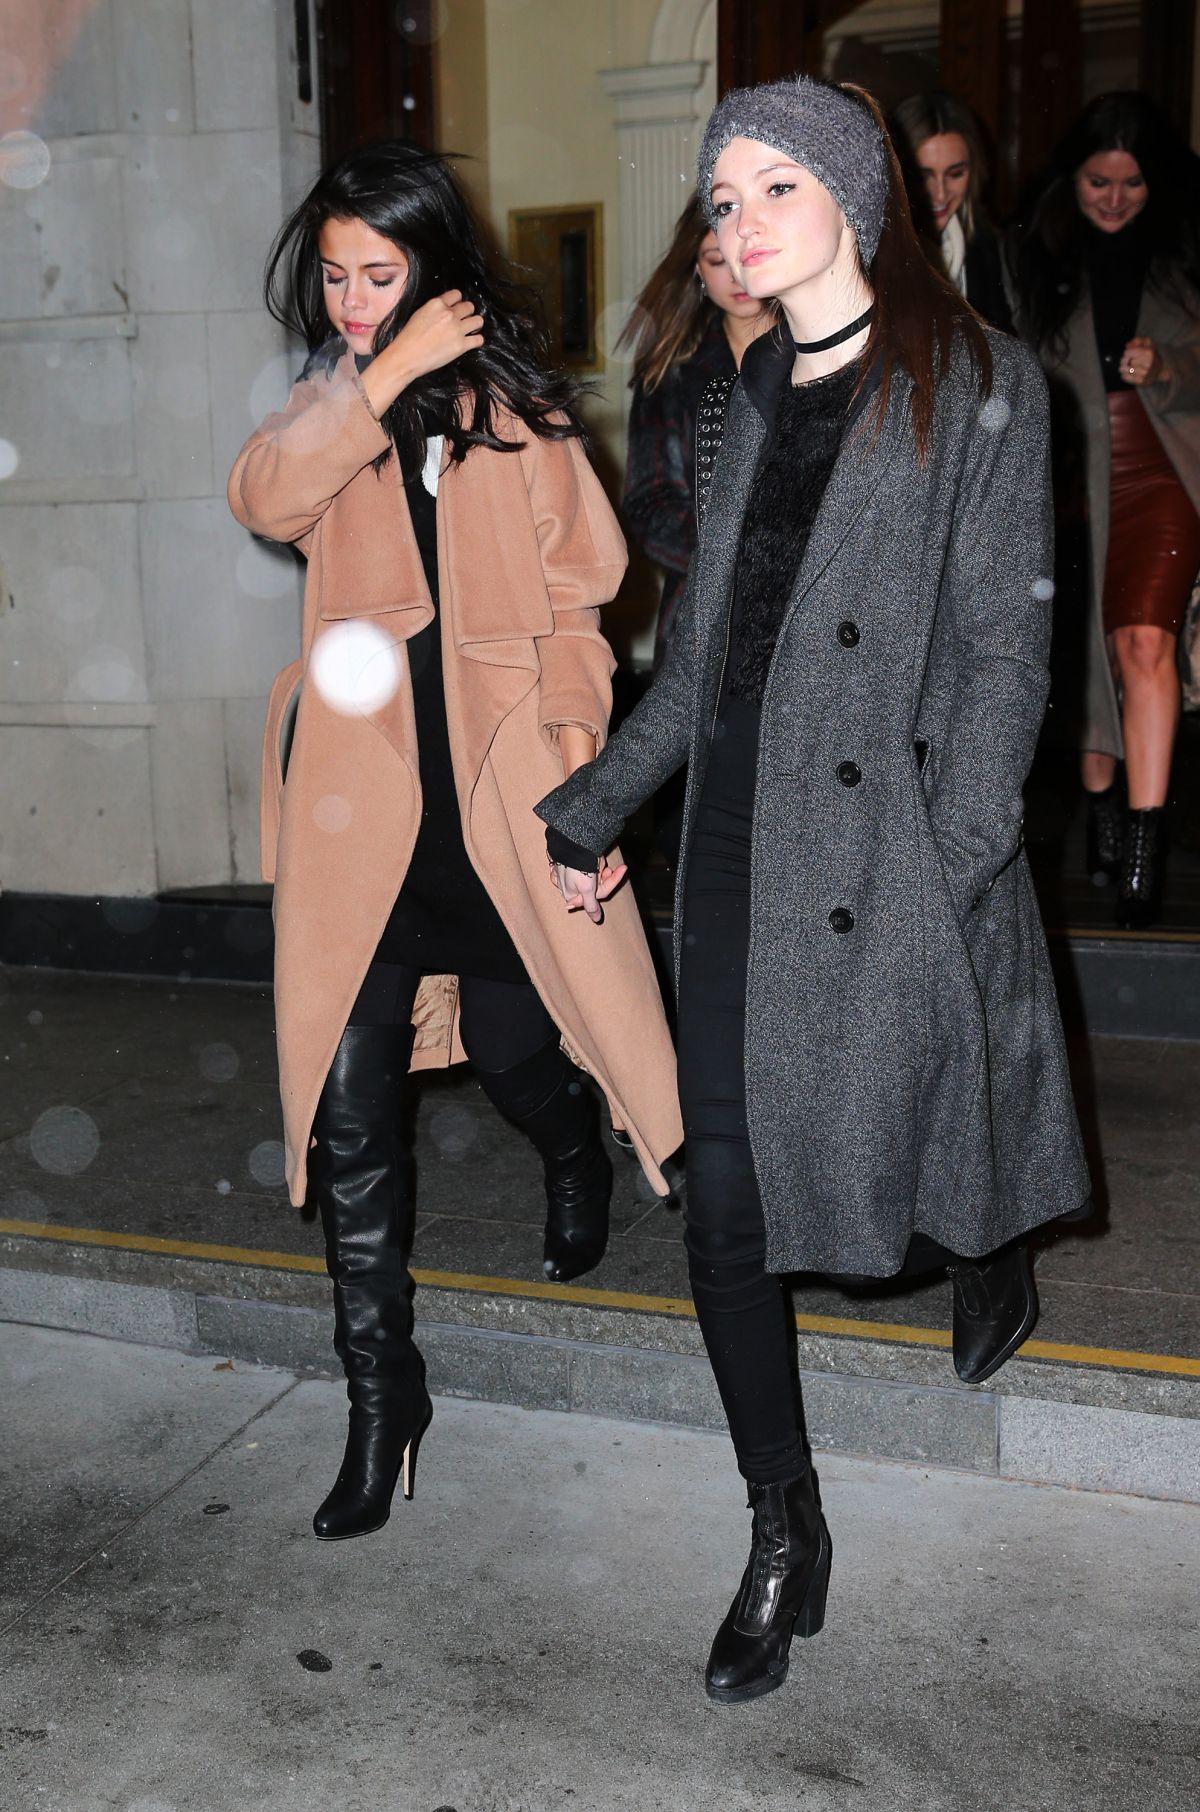 SELENA GOMEZ and MEGAN PULERI Night Out in New York 01/22/2016